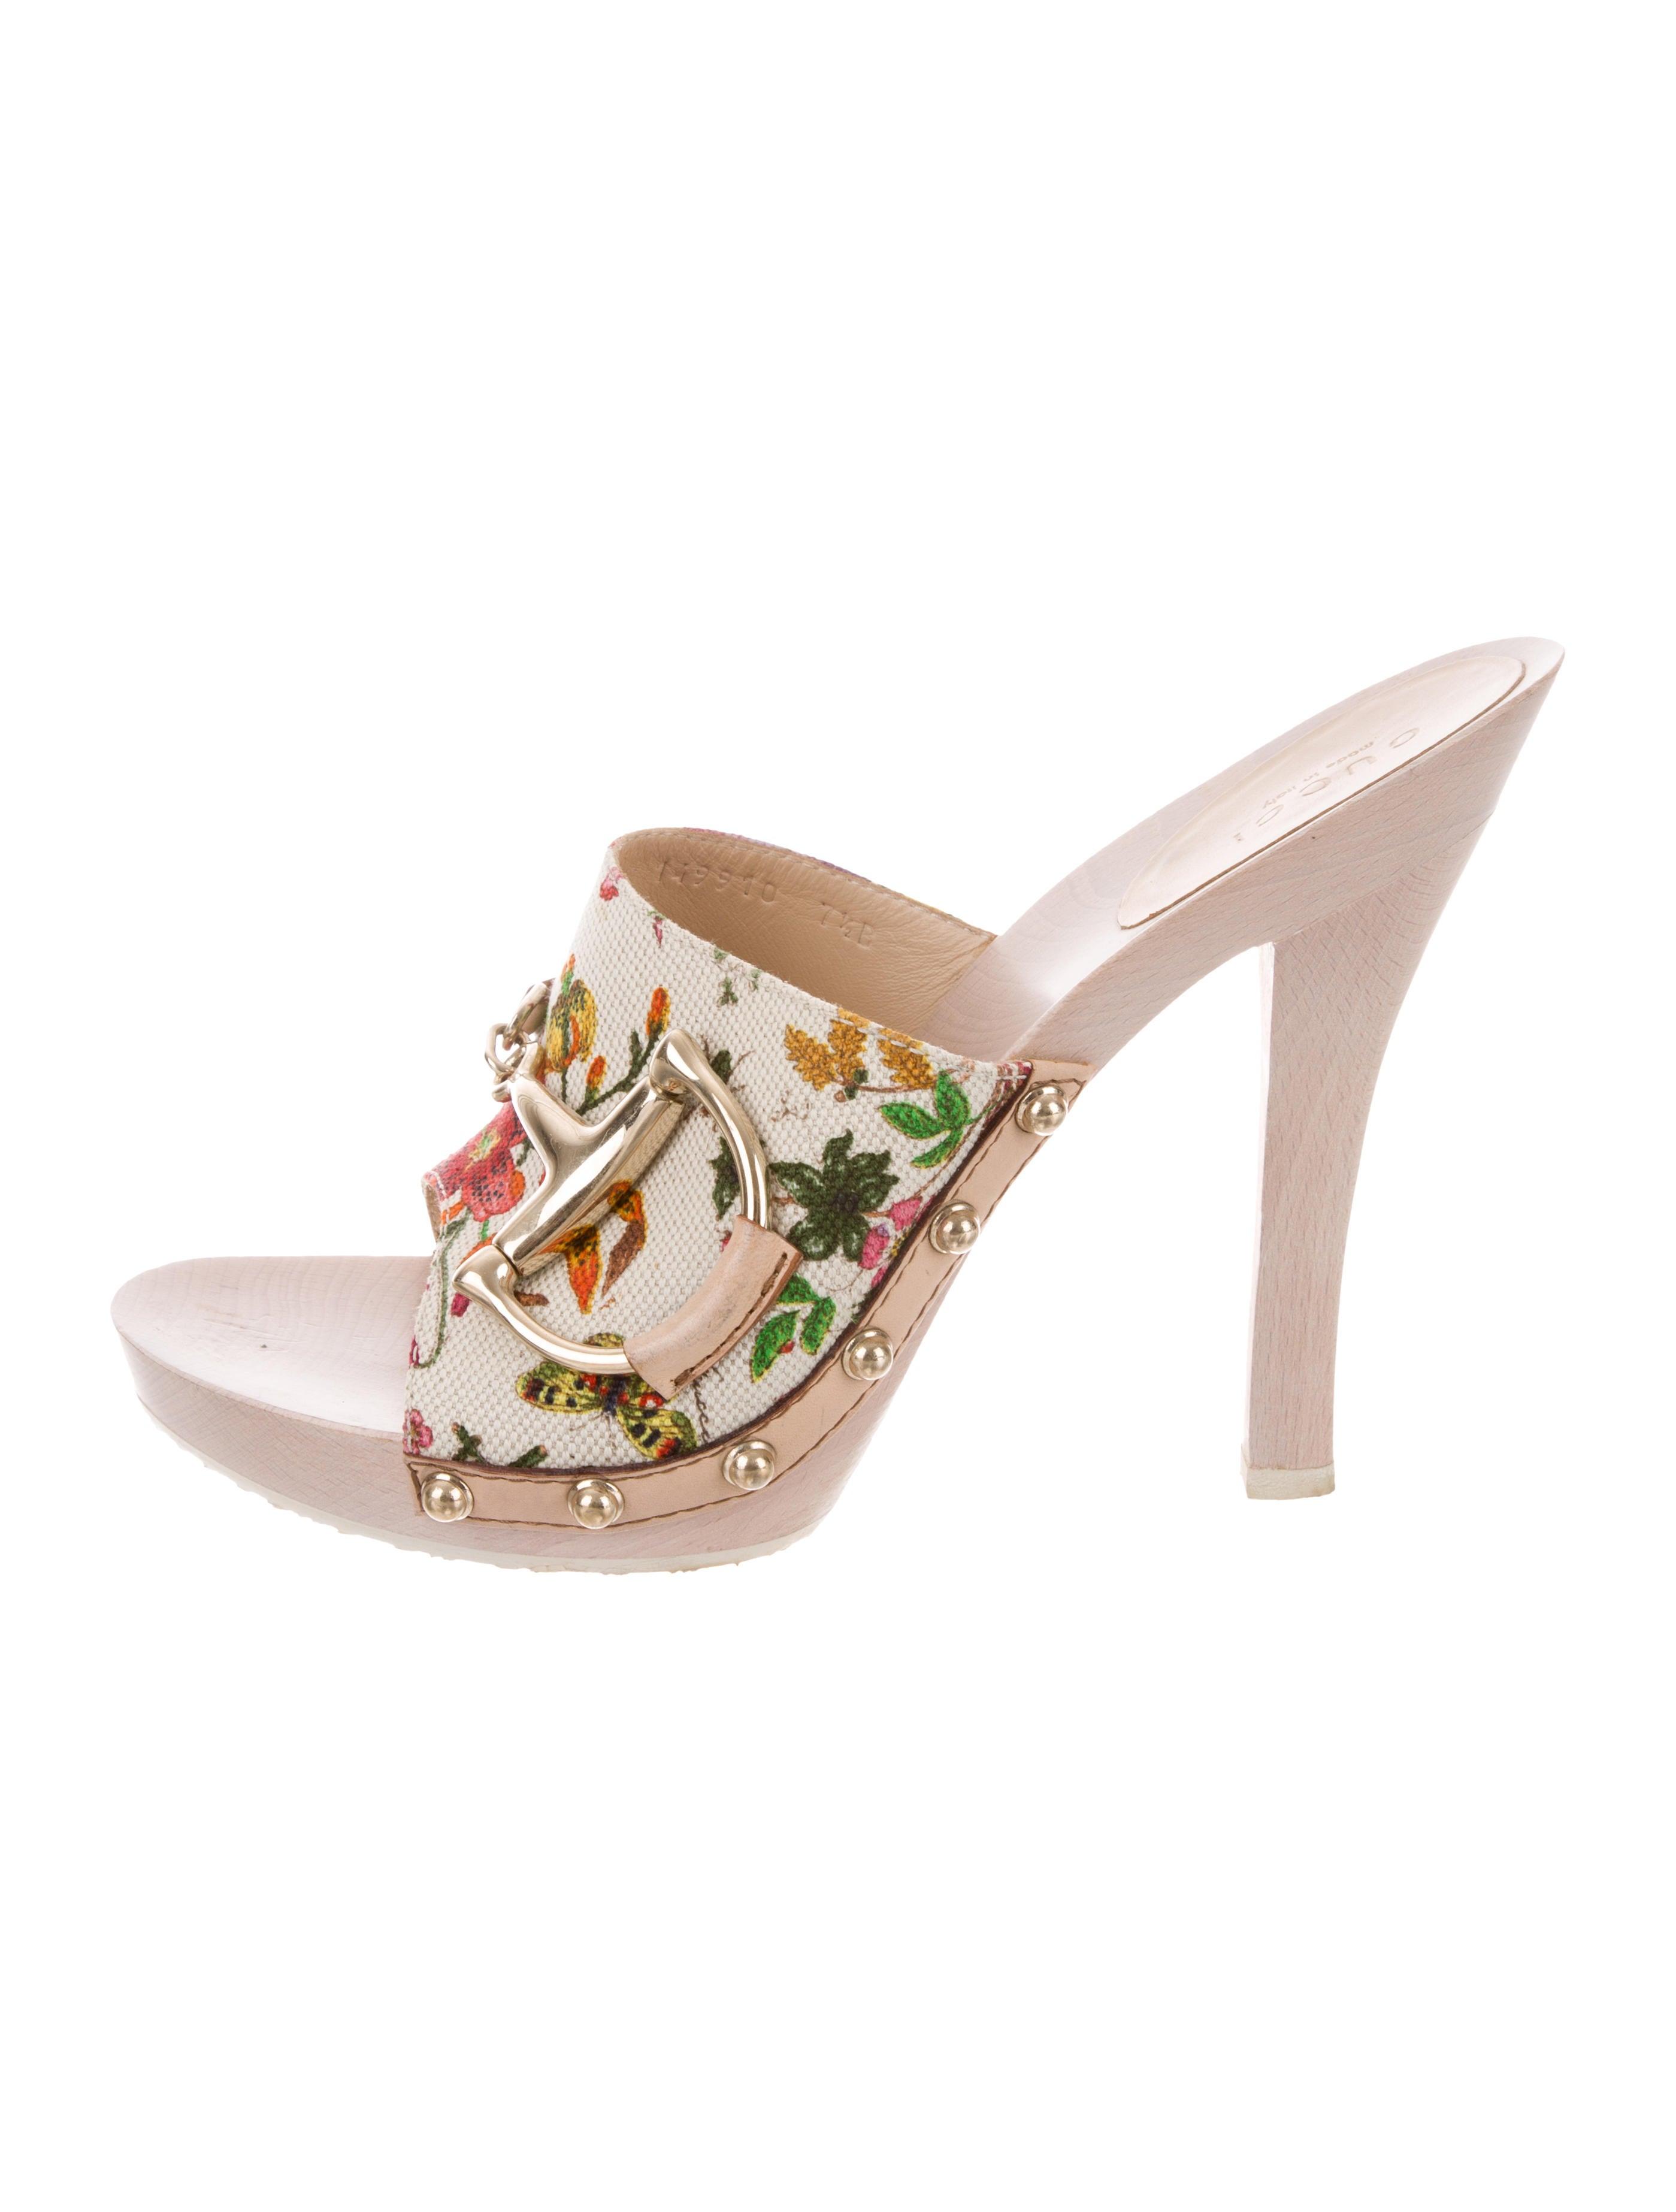 ac89f8799a6 Gucci Flora Horsebit Sandals - Shoes - GUC267027